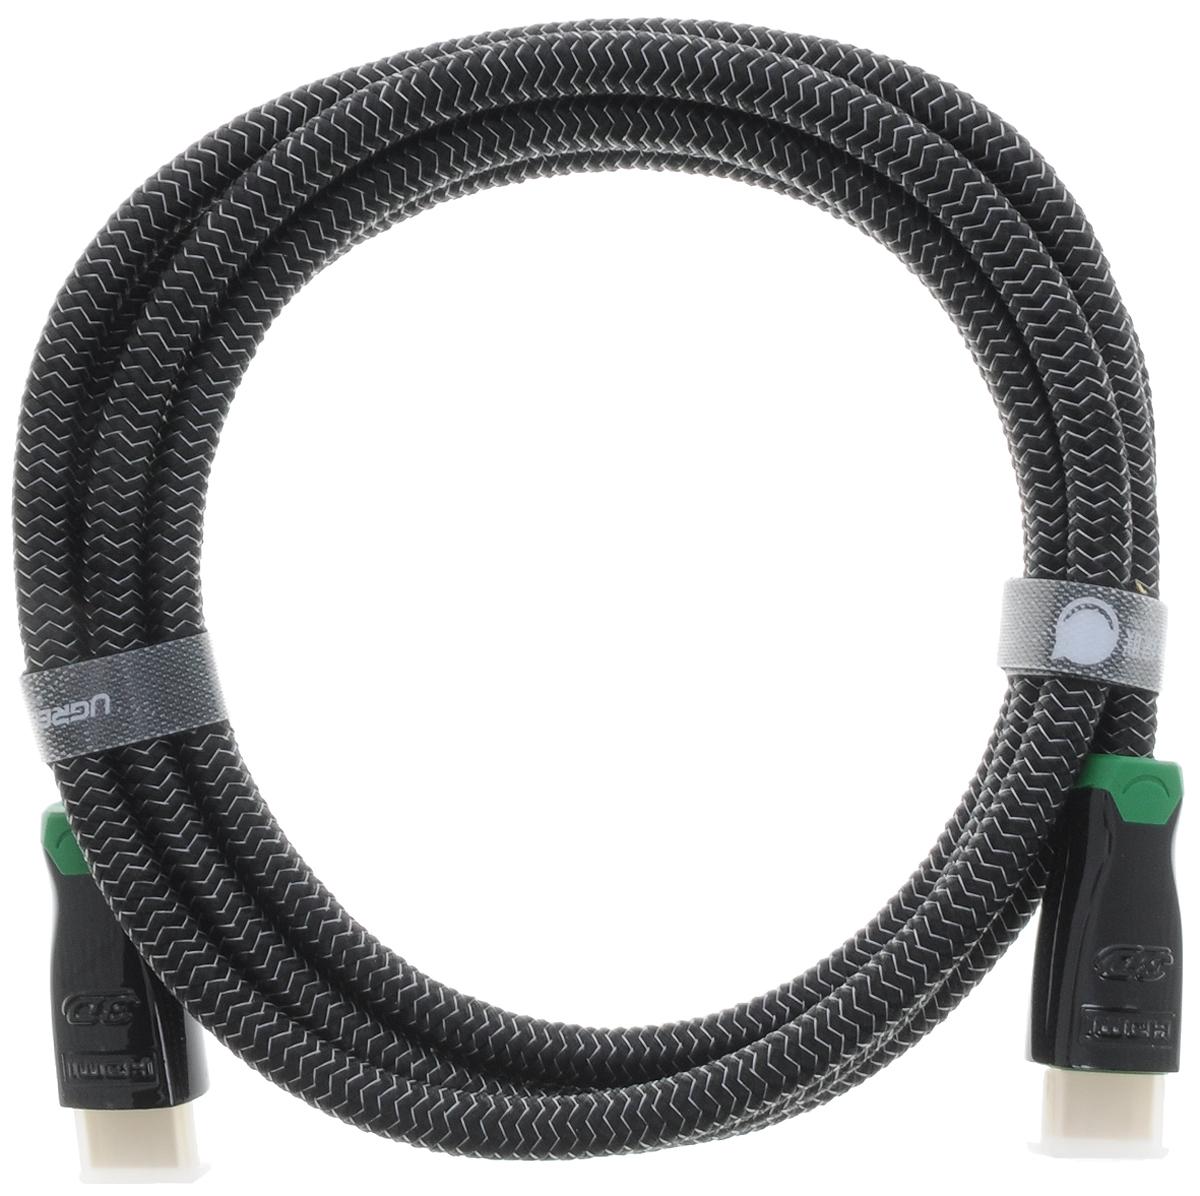 Ugreen UG-10292, Black Green кабель HDMI 2 мUG-10292Кабель HDMI Ugreen UG-10292 предназначается для передачи цифровых видеоданных с высоким разрешением и многоканальных цифровых аудиосигналов с дальнейшей защитой от копирования. Обеспечение соединения при помощи разъема HDMI нескольким устройствам делает этот интерфейс незаменимым. Скорость передачи данных до 10,2 Гбит/с Толщина кабеля: 8 мм Экранирование